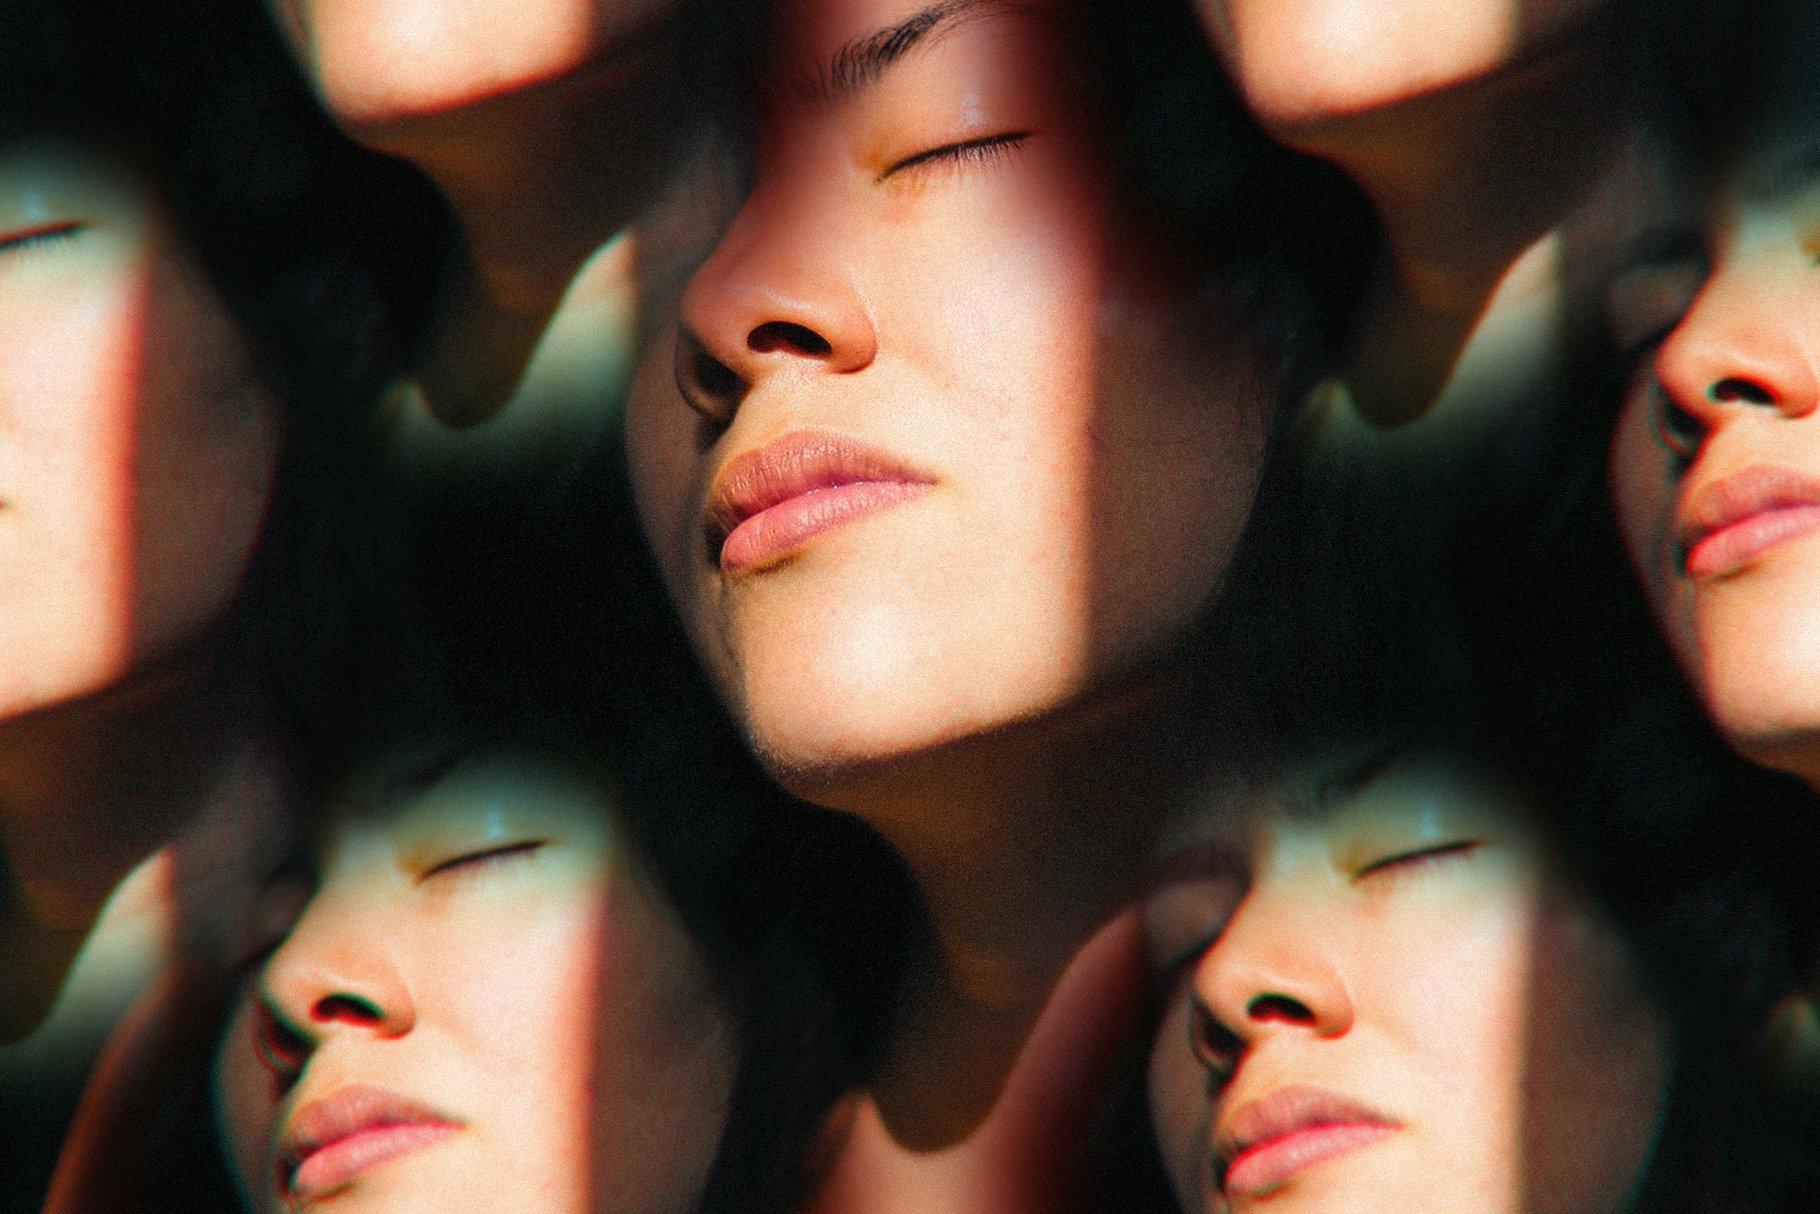 梦幻抽象艺术万花筒棱镜玻璃反射特效滤镜PS样式模板 Prizm – Lens & Prism Distortions插图6